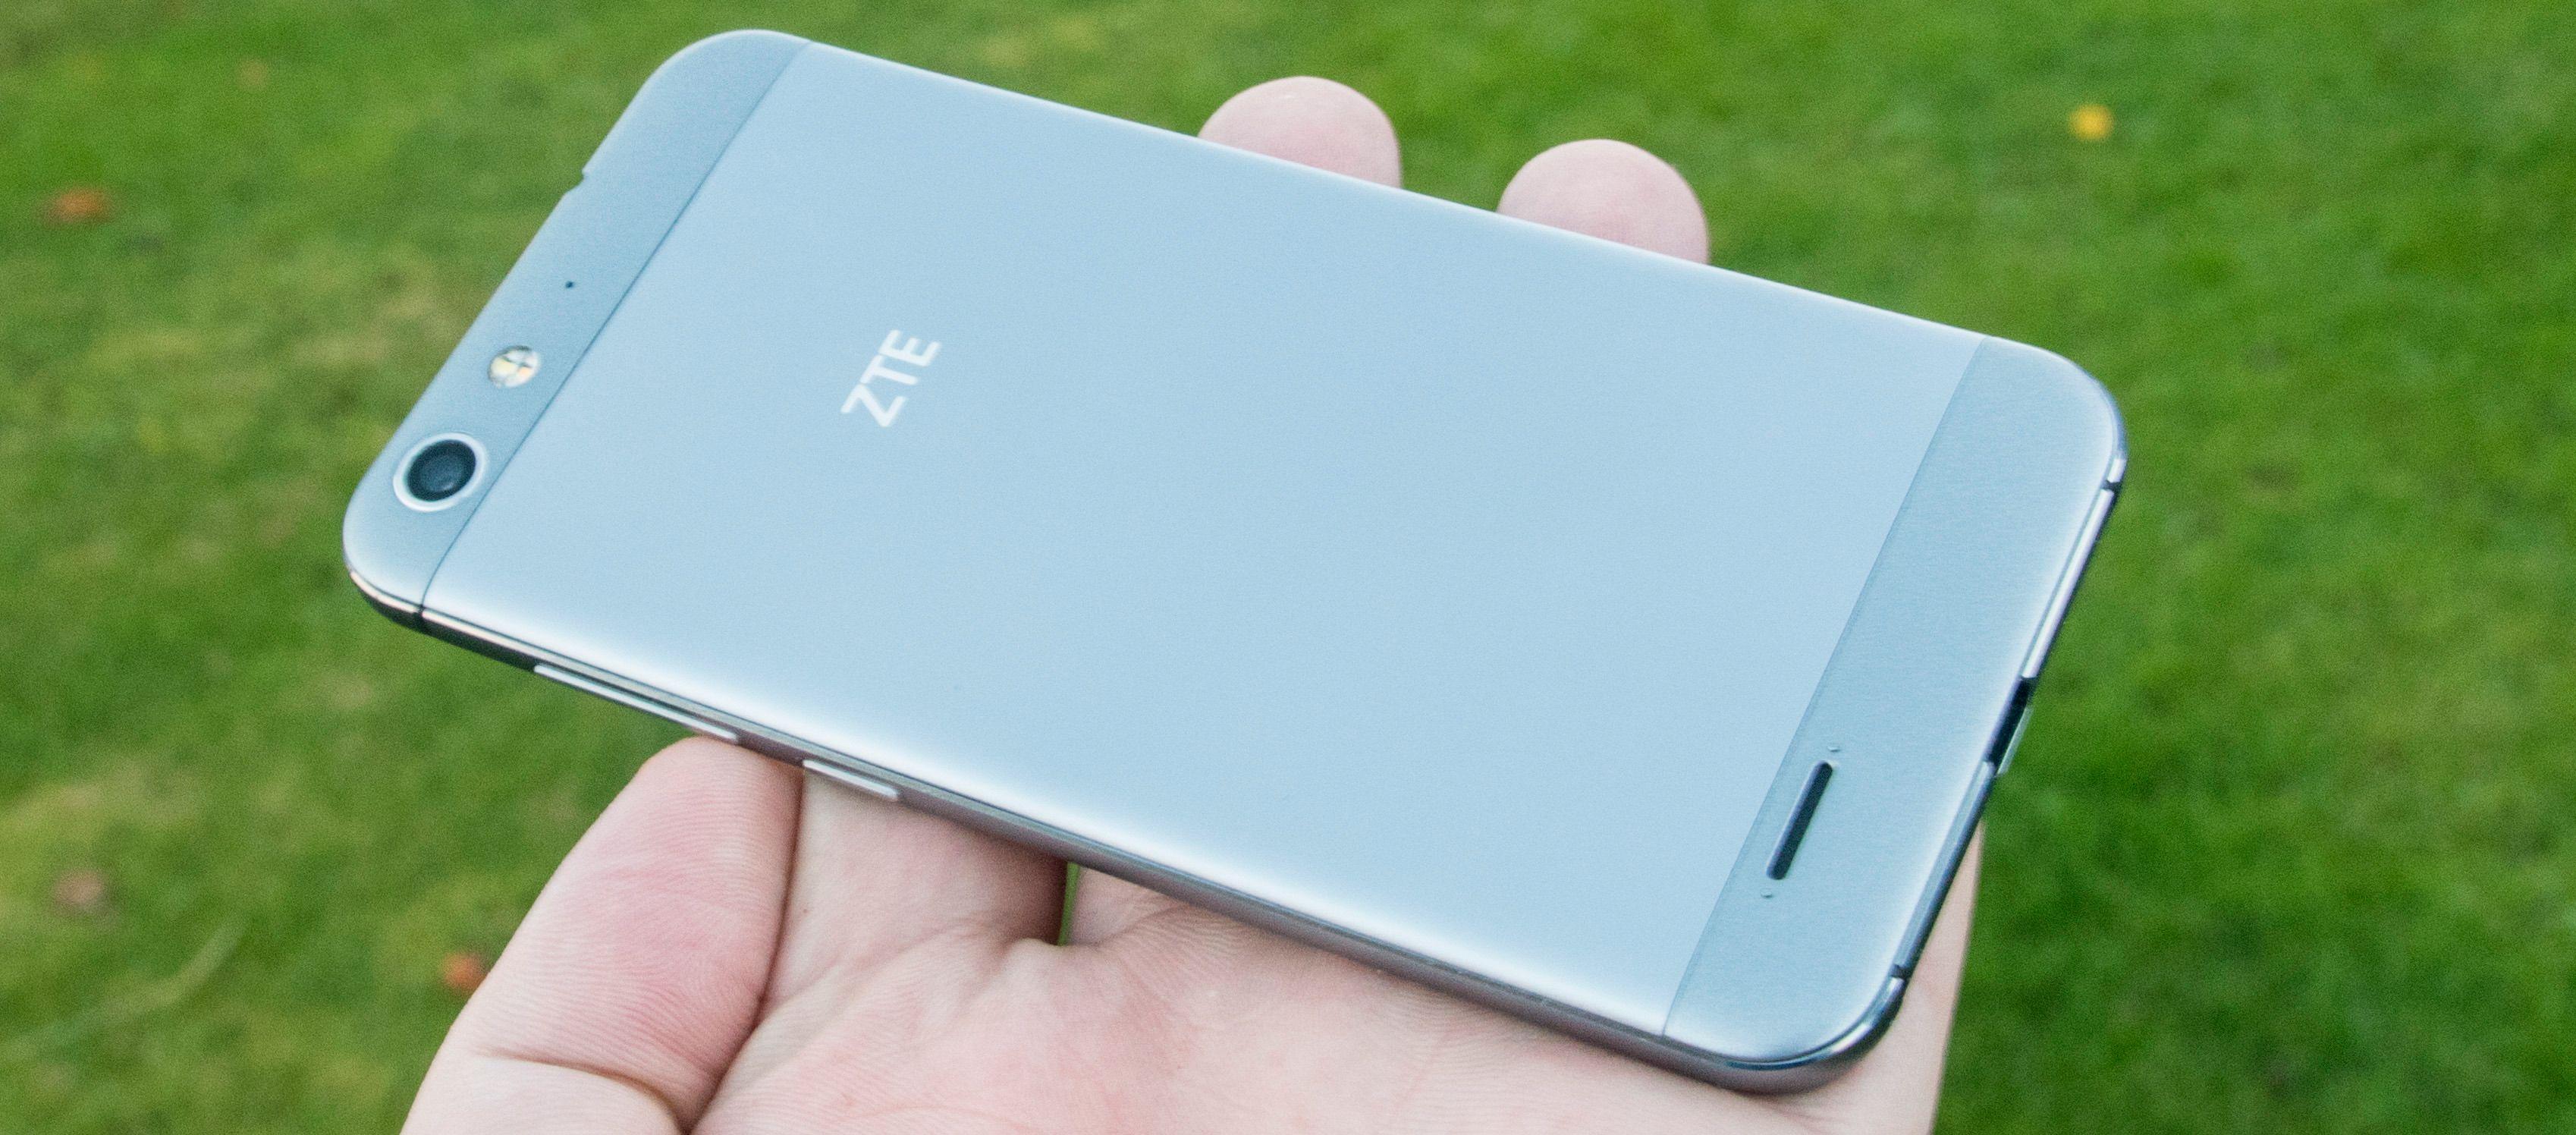 ZTE Blade V6 er usedvanlig pen å se til med tanke på at den koster rundt 2500 kroner i vanlig utsalg. Foto: Finn Jarle Kvalheim, Tek.no